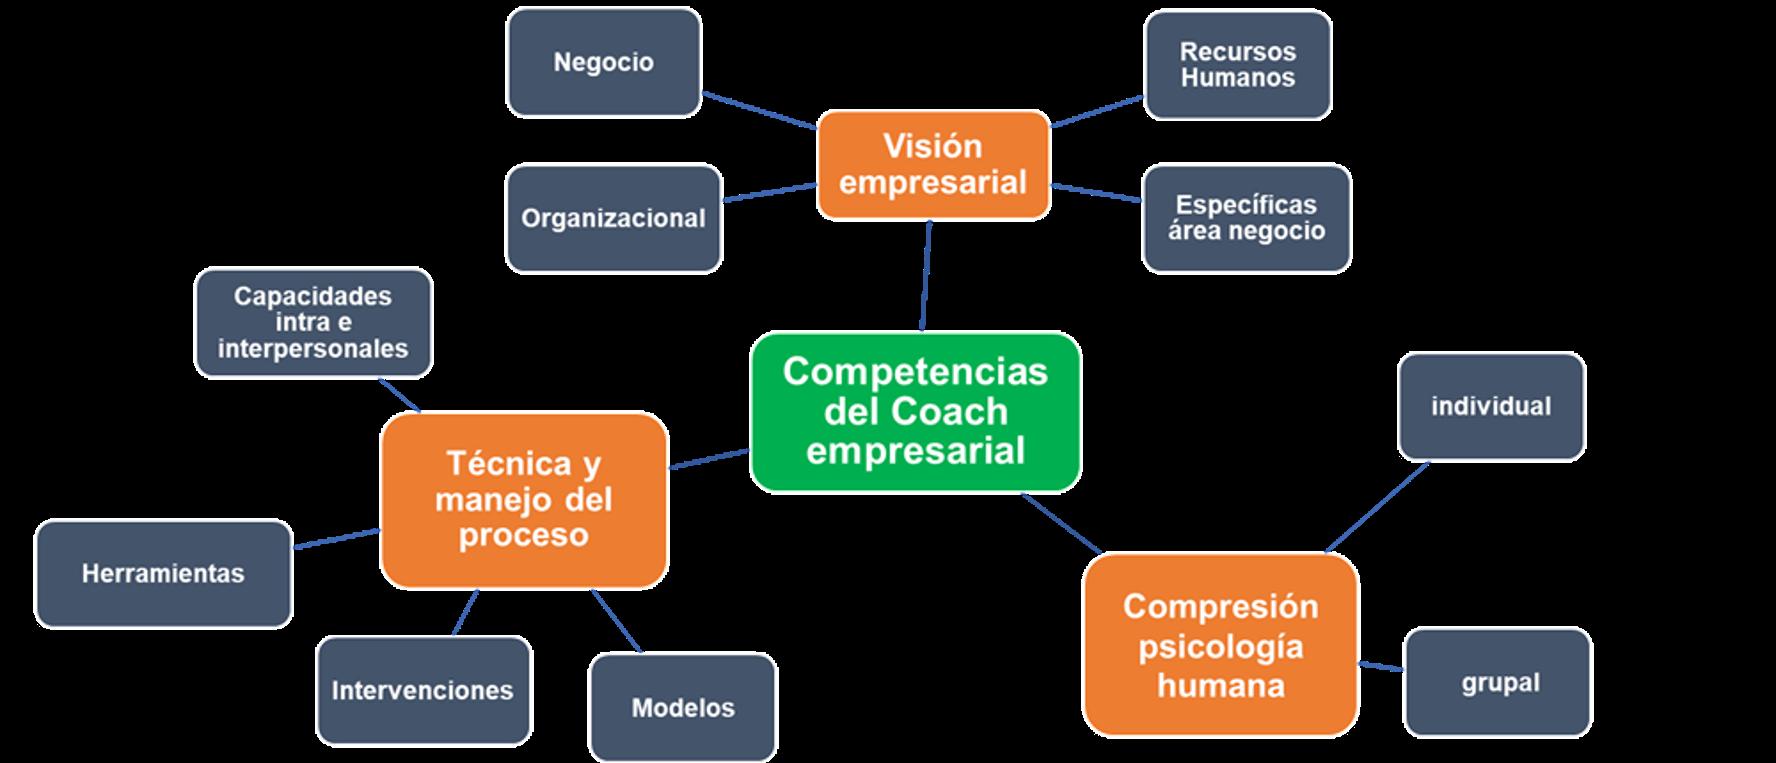 Competencias del Coach empresarial